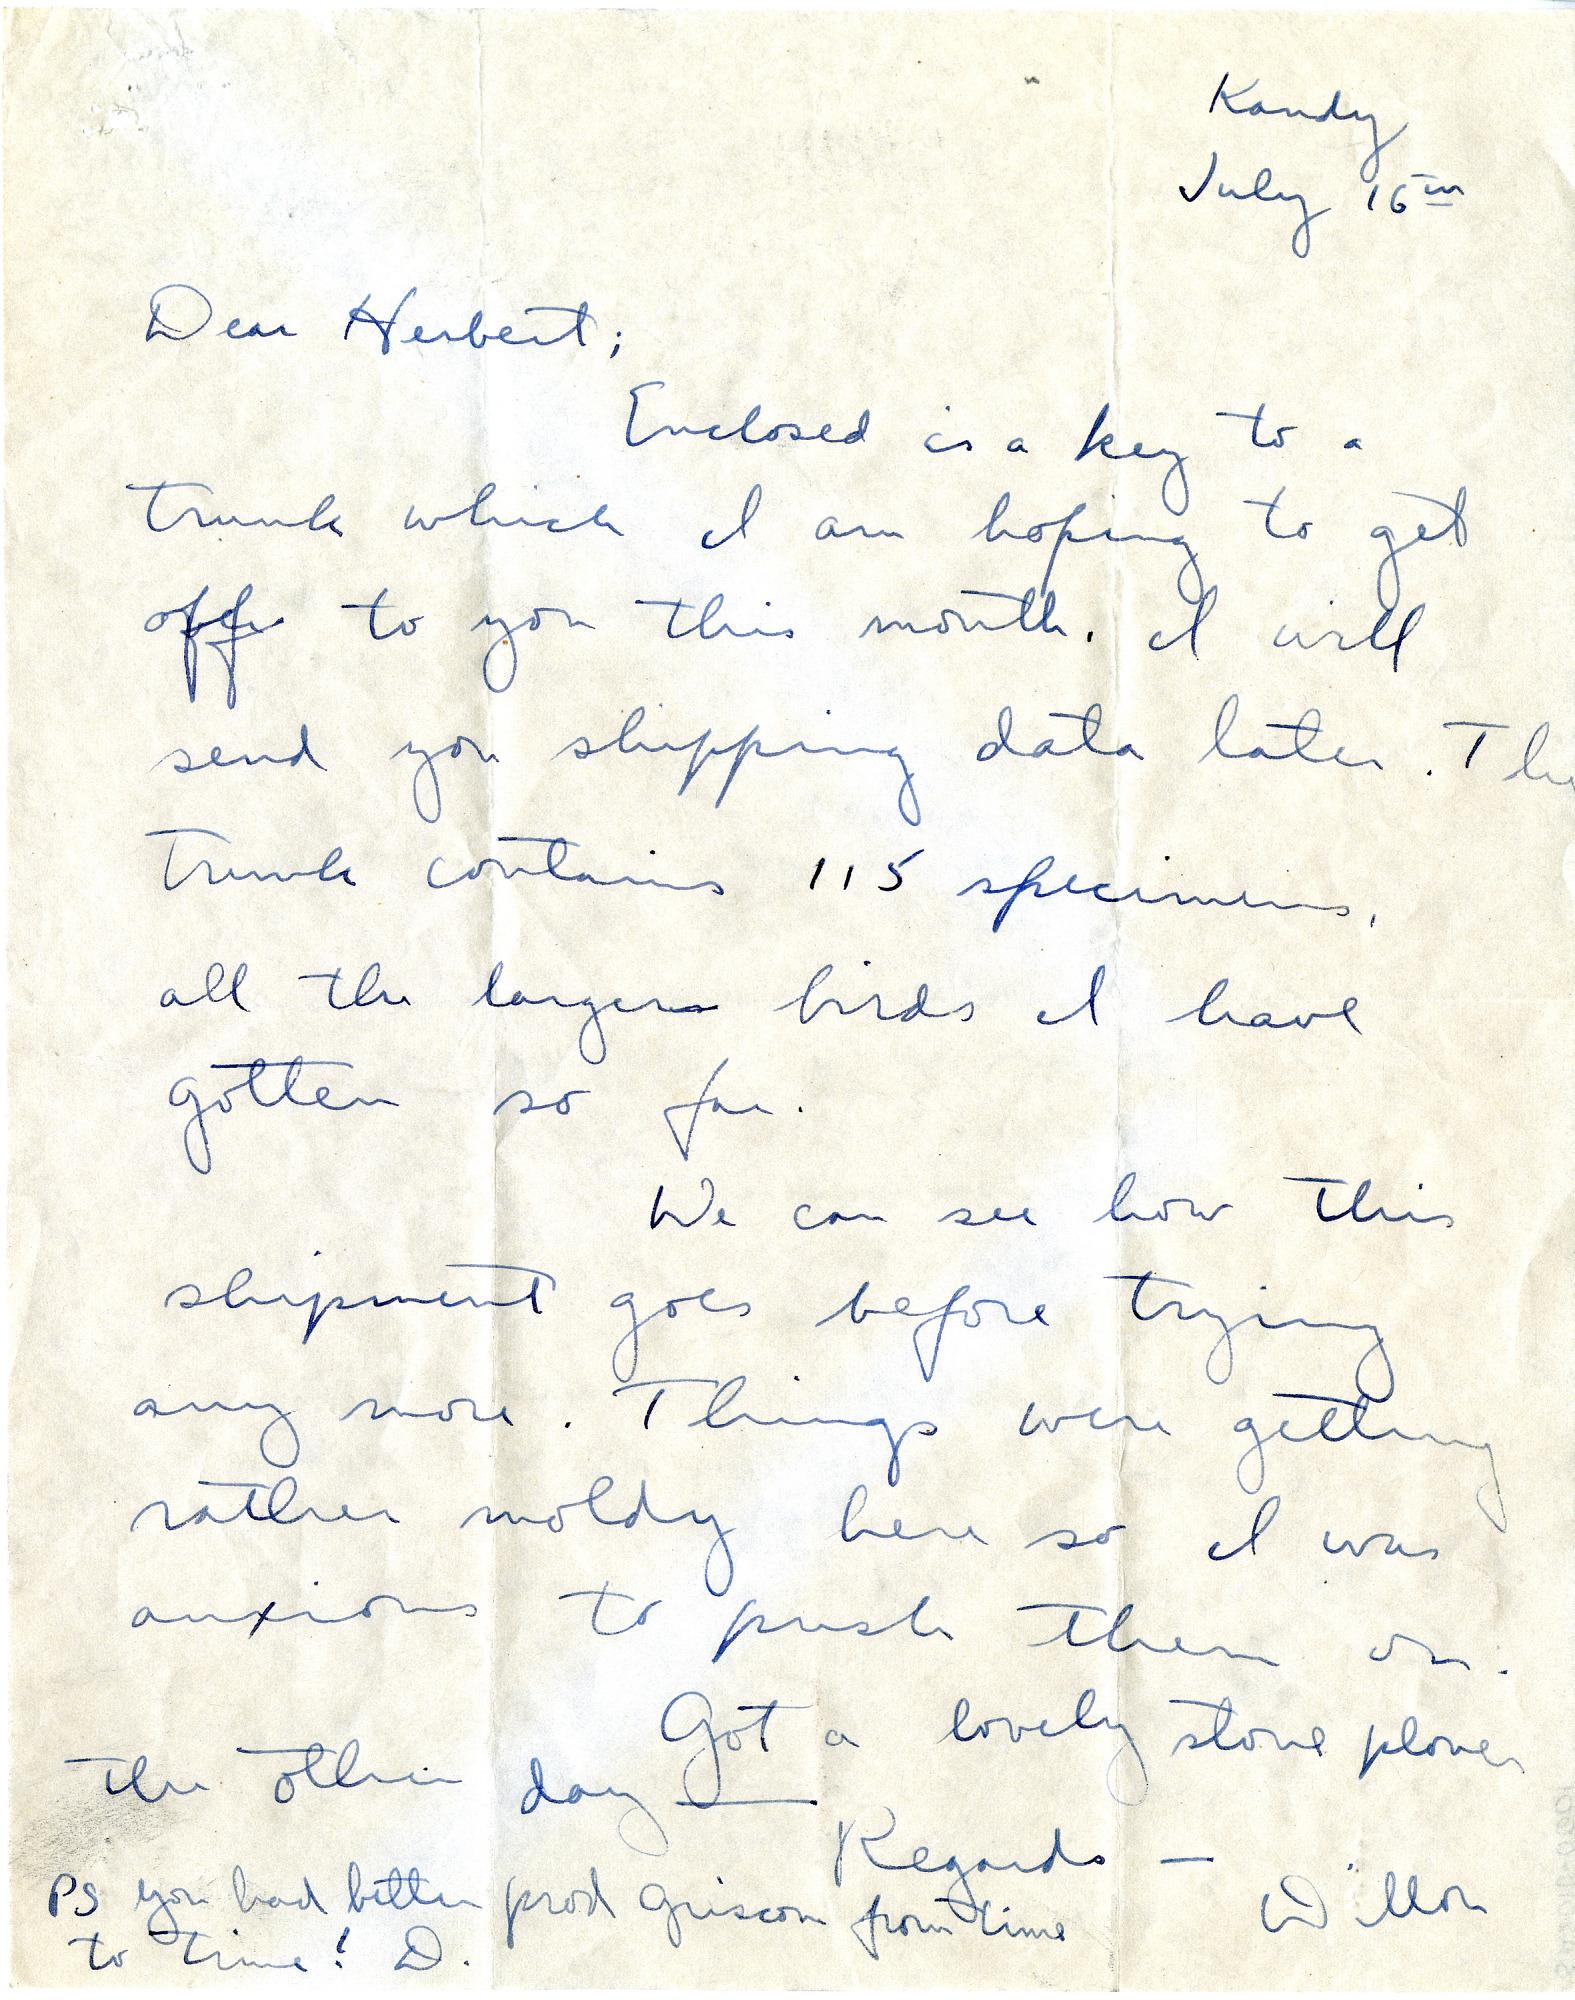 Letter to Herbert Friedmann from S. Dillon Ripley